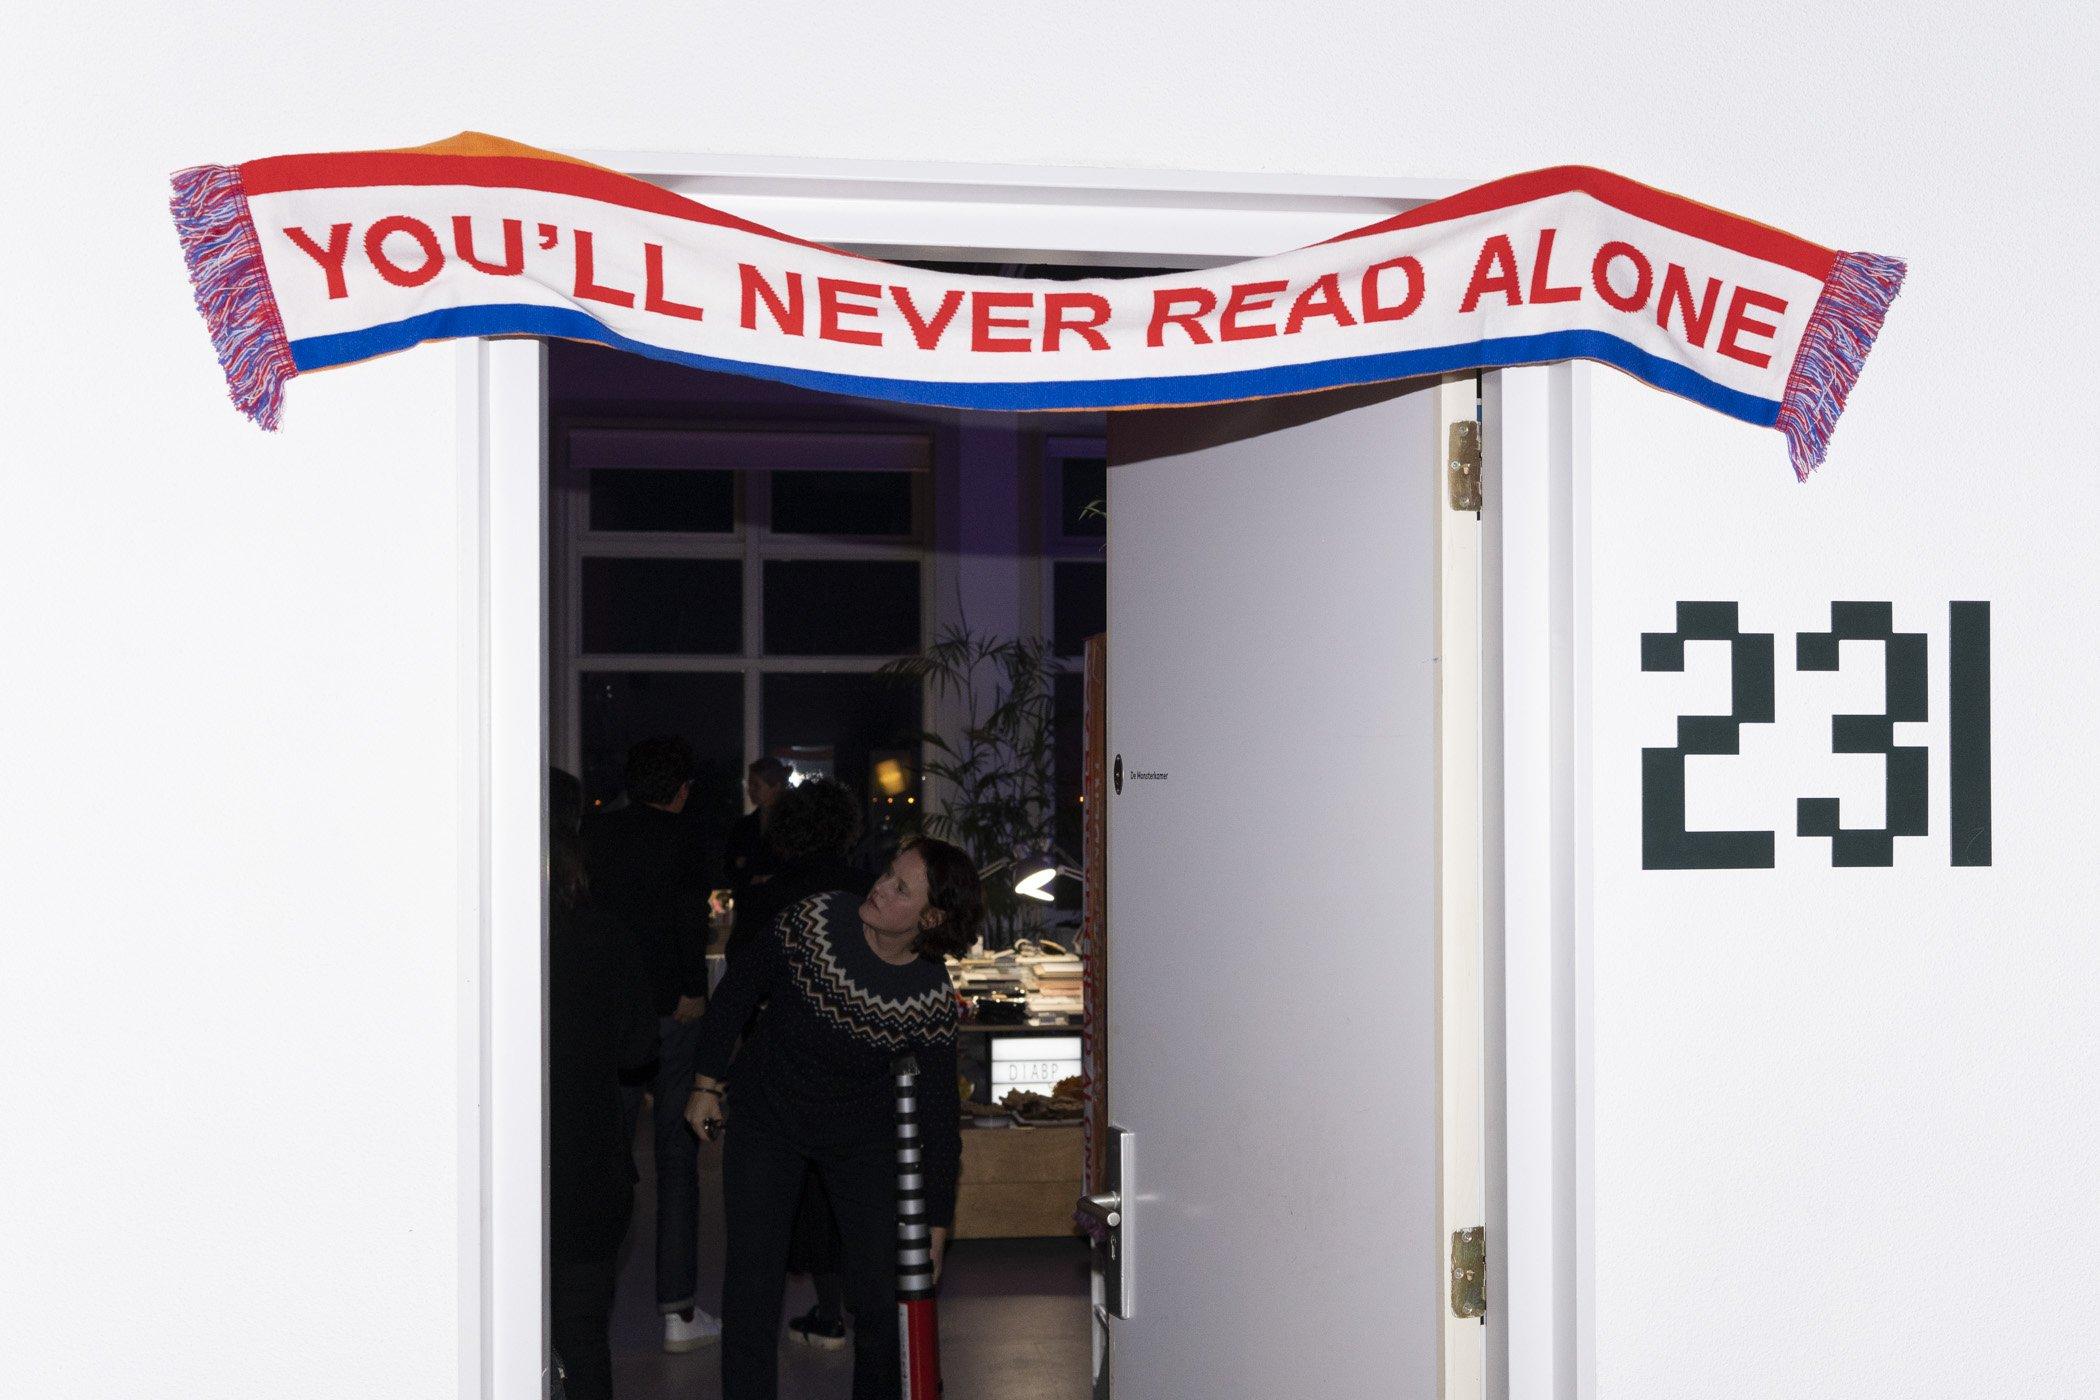 You'll never read alone. Fotoverslag kerstborrel de Monsterkamer met DIABP en de Fotograaf des Vaderlands